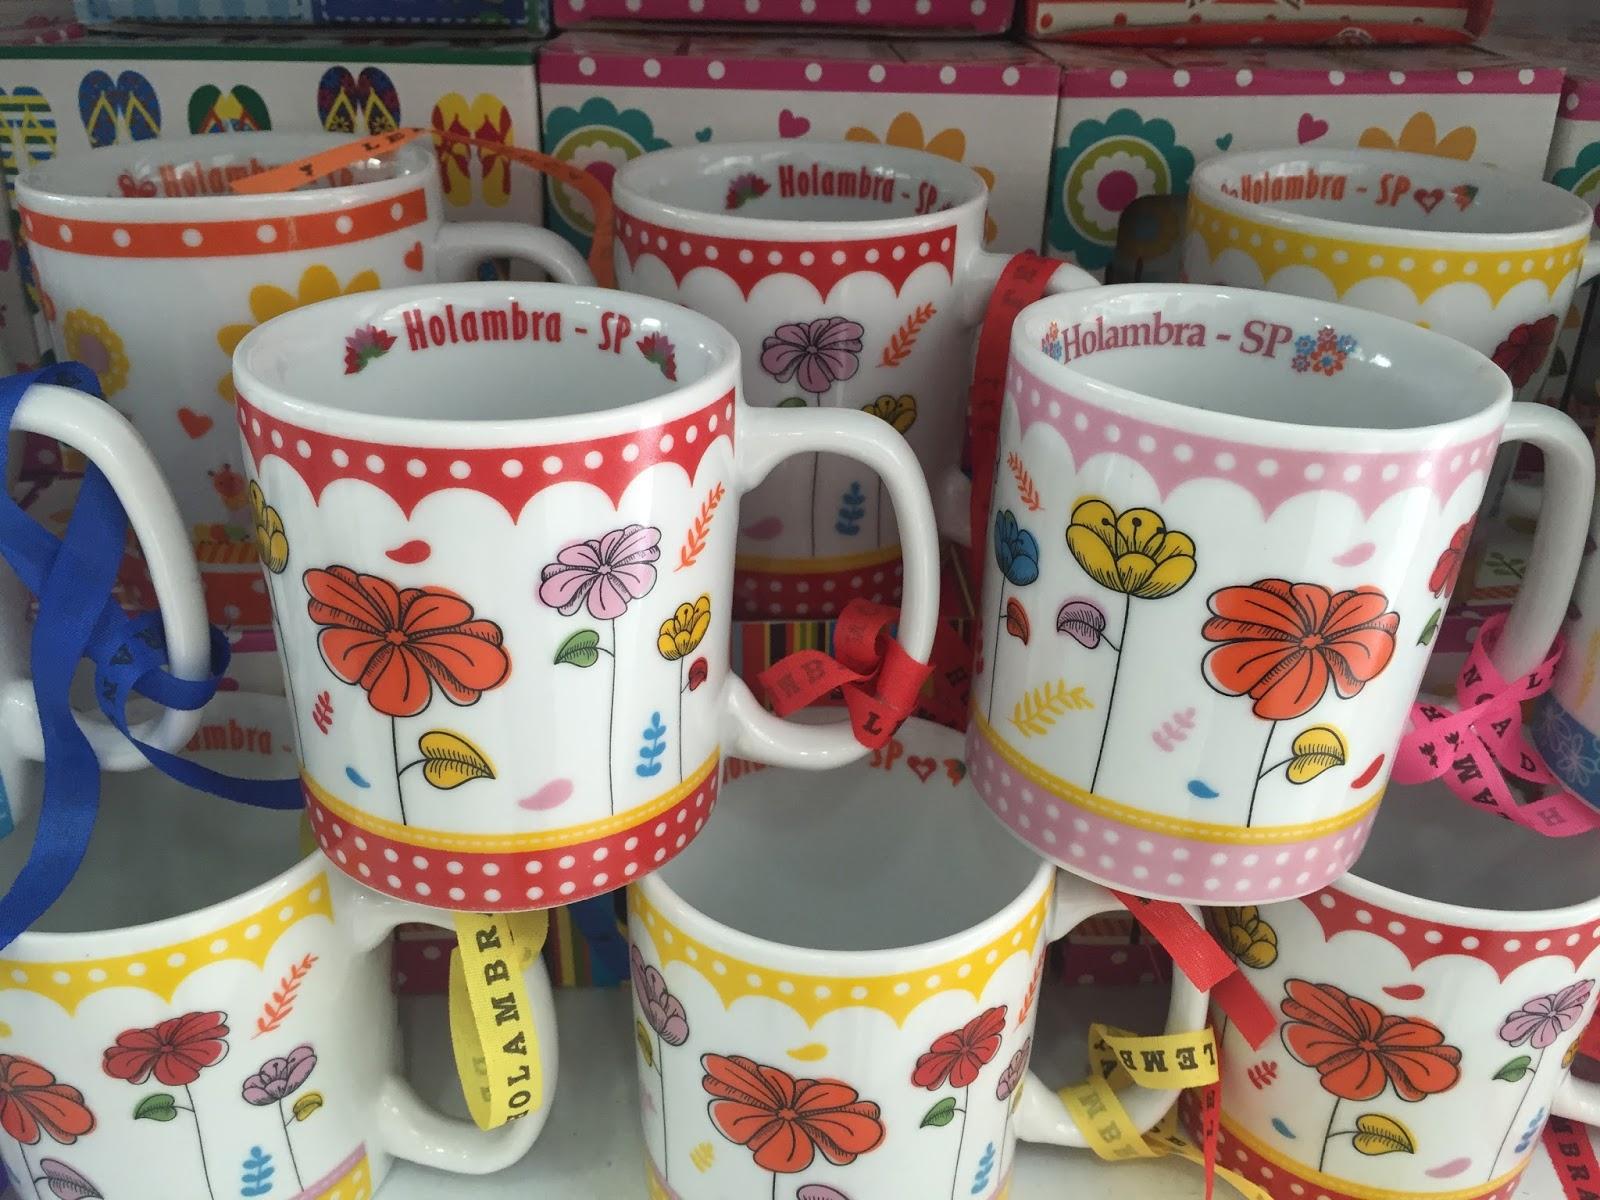 Lider Artesanato Pedreira ~ Blog da Mugs Mugs com br Nova Loja Canecas net em Pedreira SP